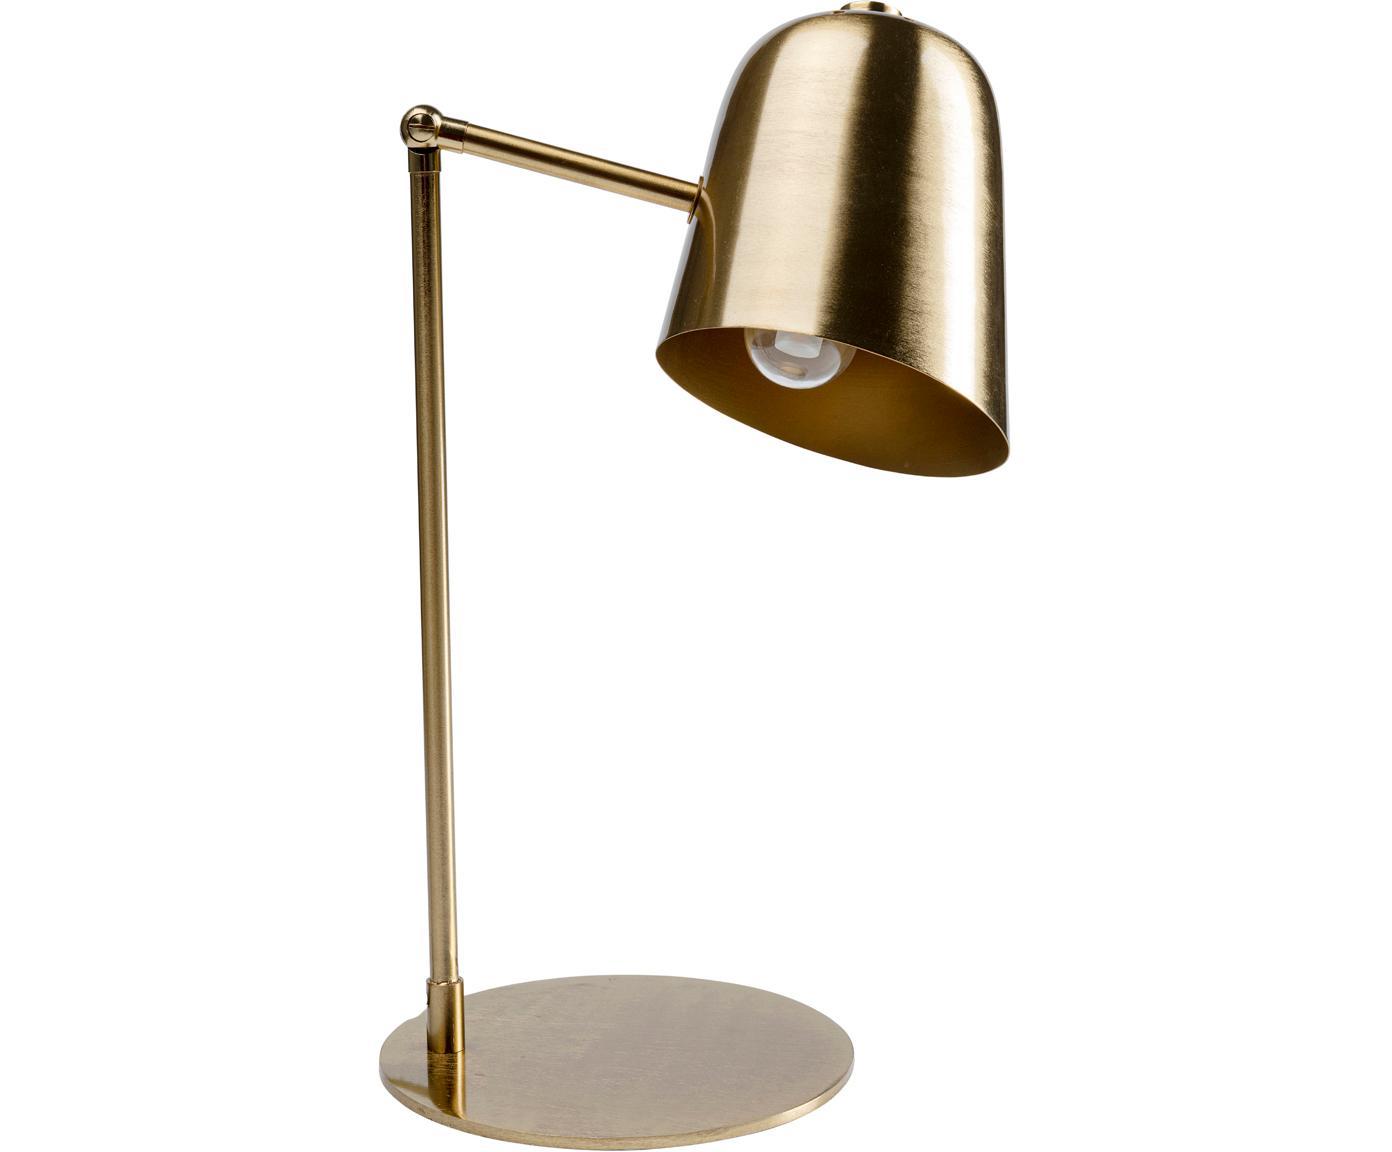 Retro-Schreibtischlampe Clive, Lampenschirm: Stahl, vermessingt, Lampenfuß: Stahl, vermessingt, Messingfarben, 27 x 56 cm